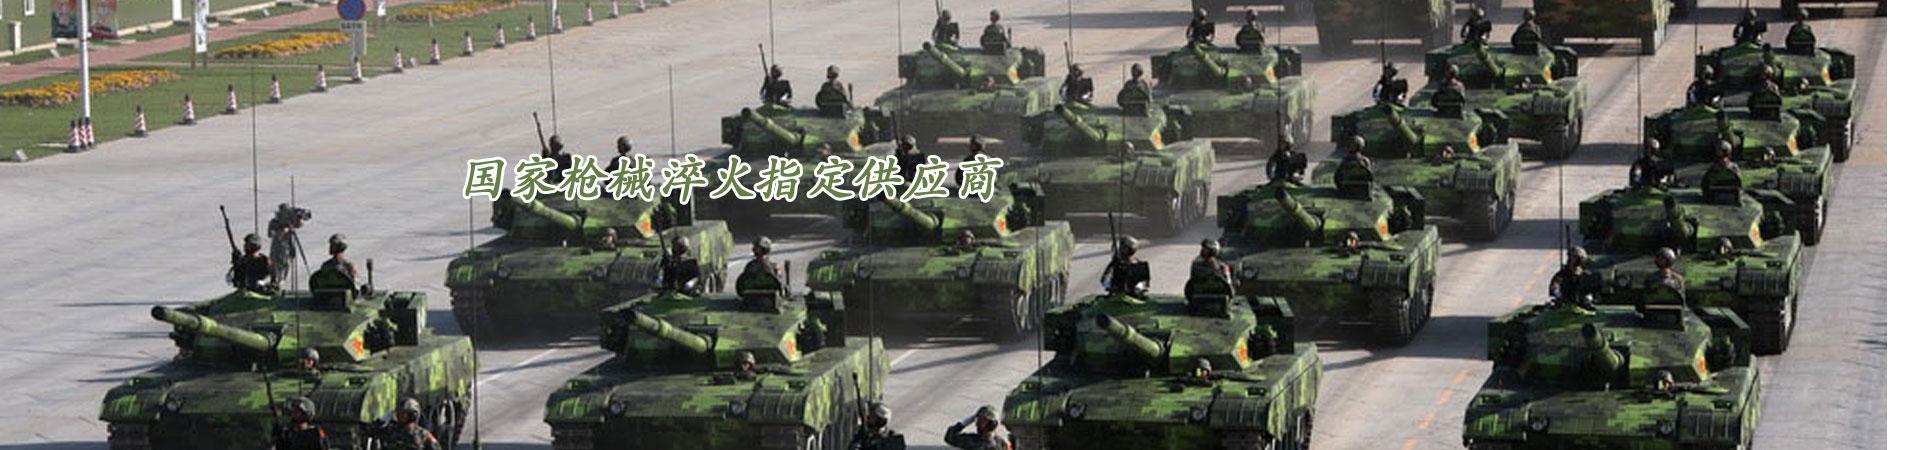 中国歼十战斗机战略合作伙伴 国家机械淬火指定供应商